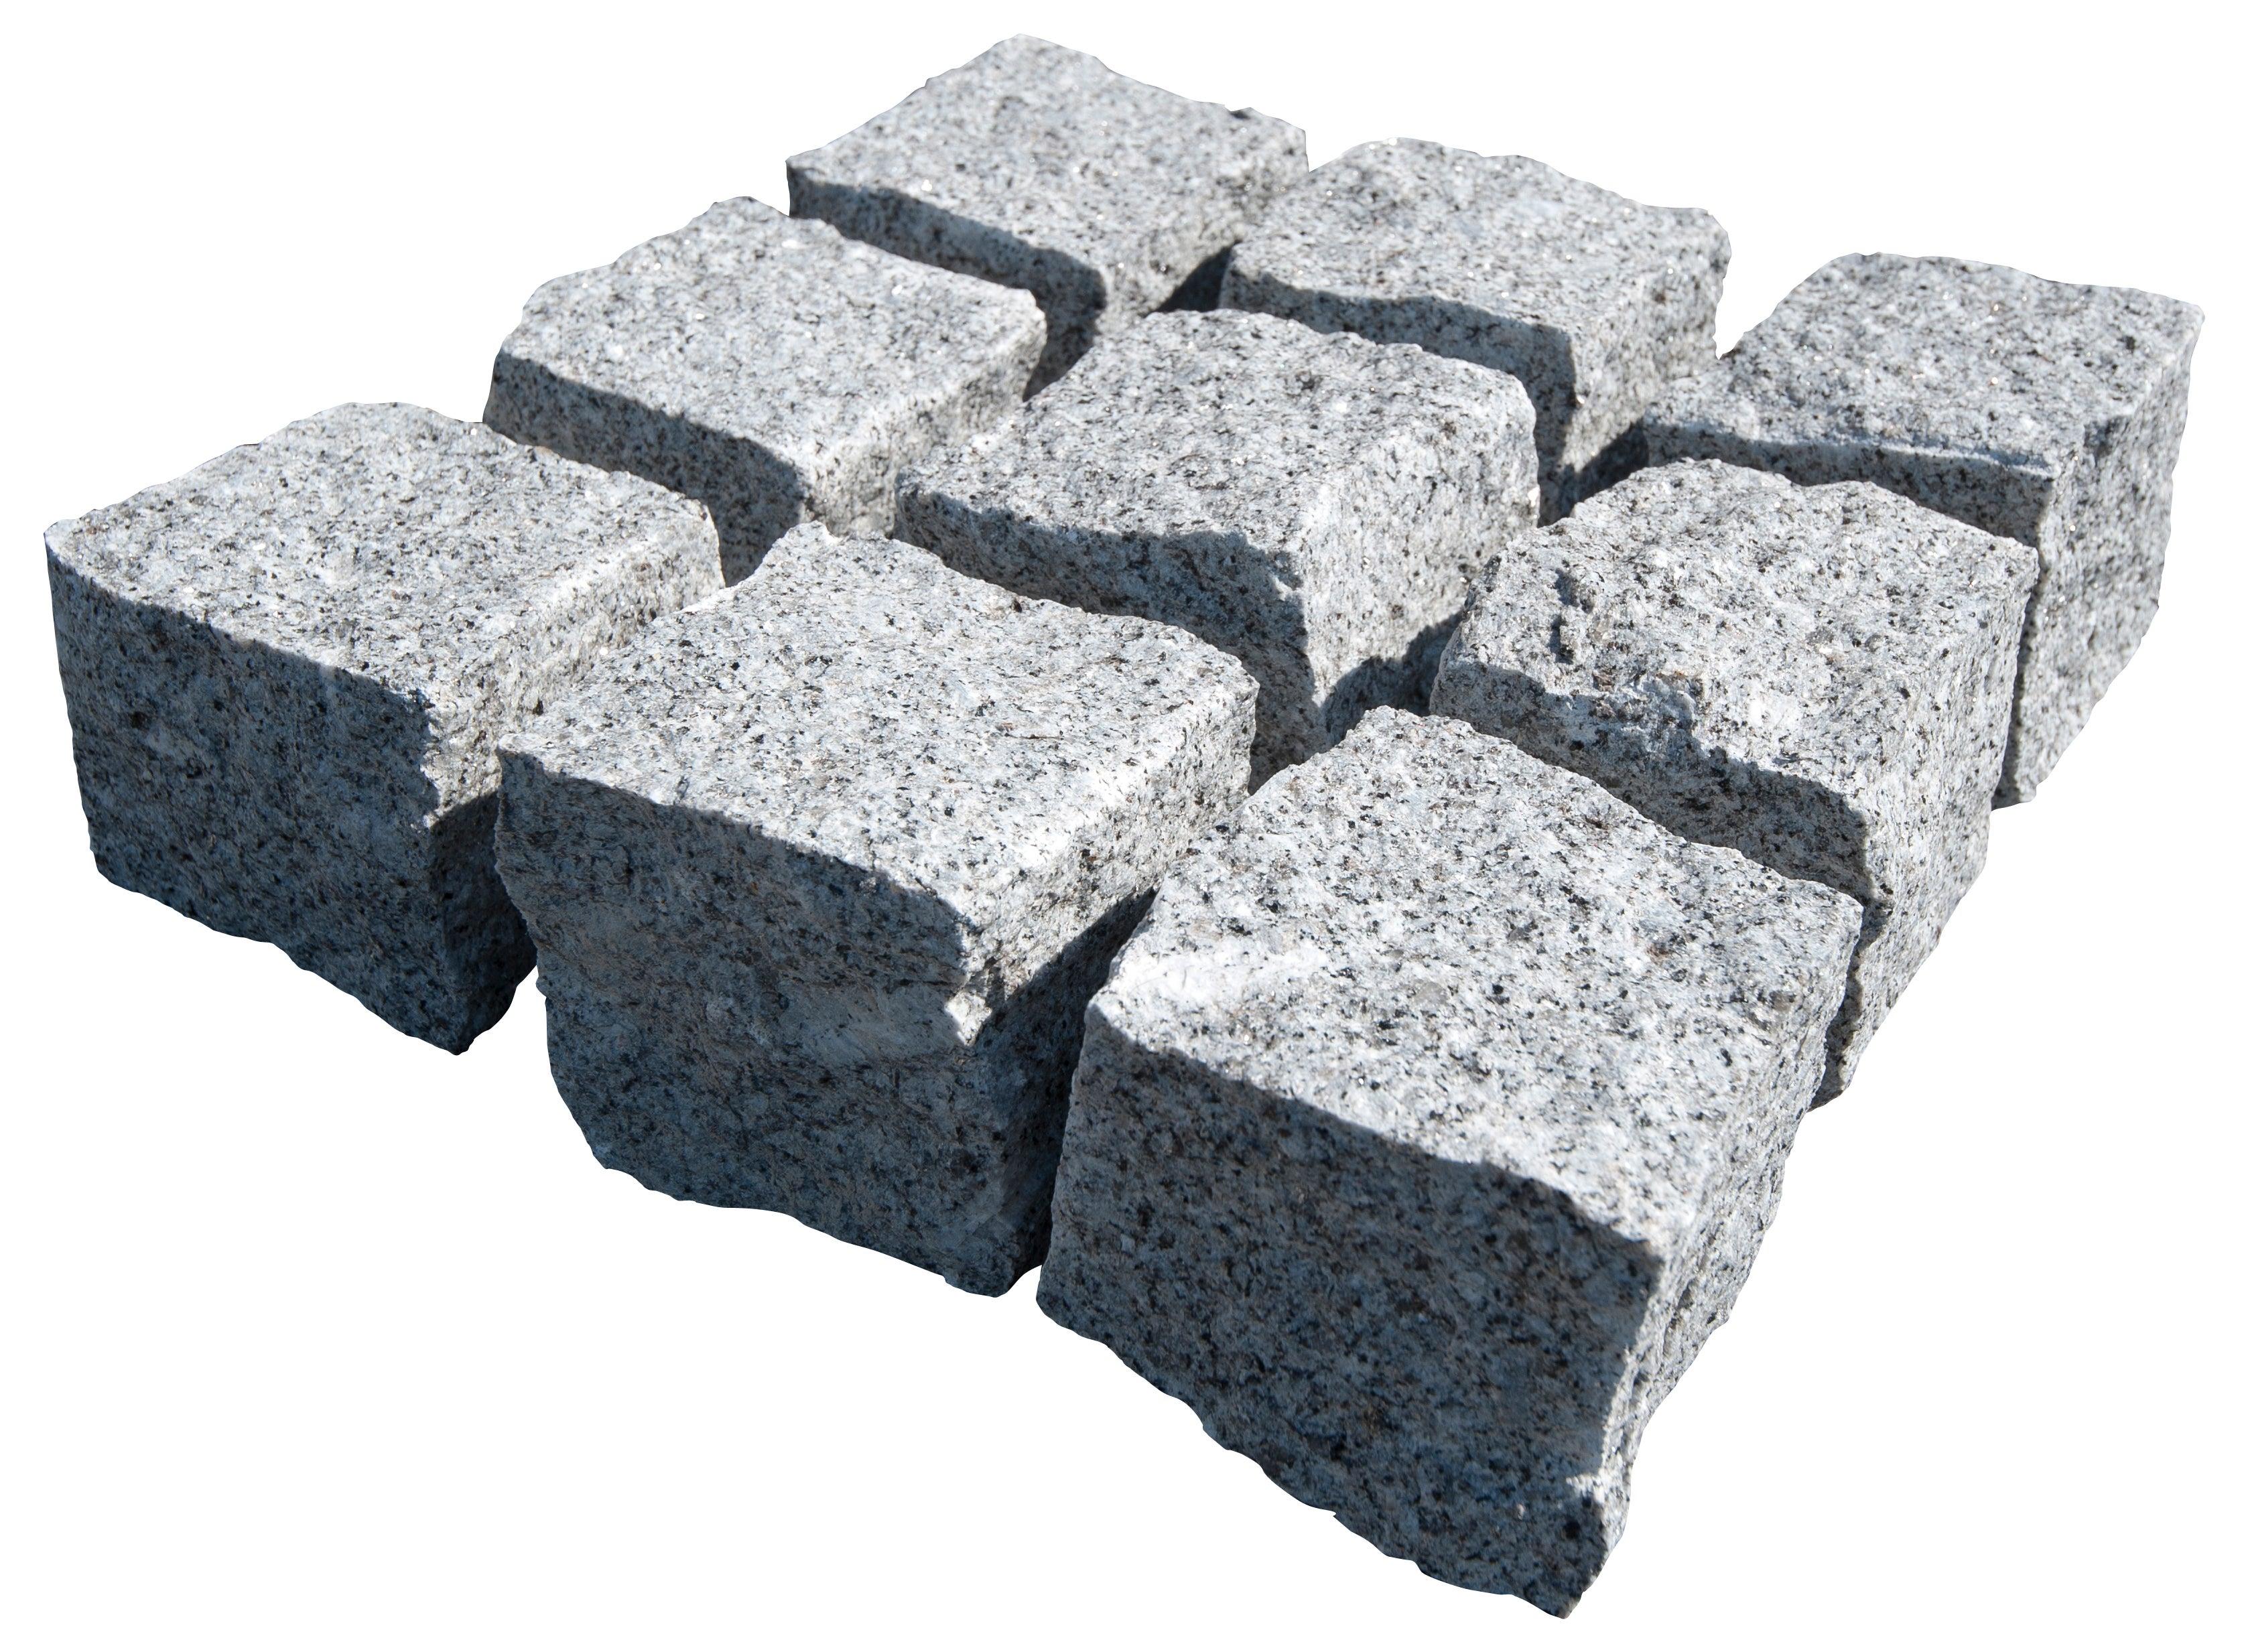 Pave Pierre Naturelle Granit Gris L 10 Cm X L 10 Cm X Ep 50 Mm